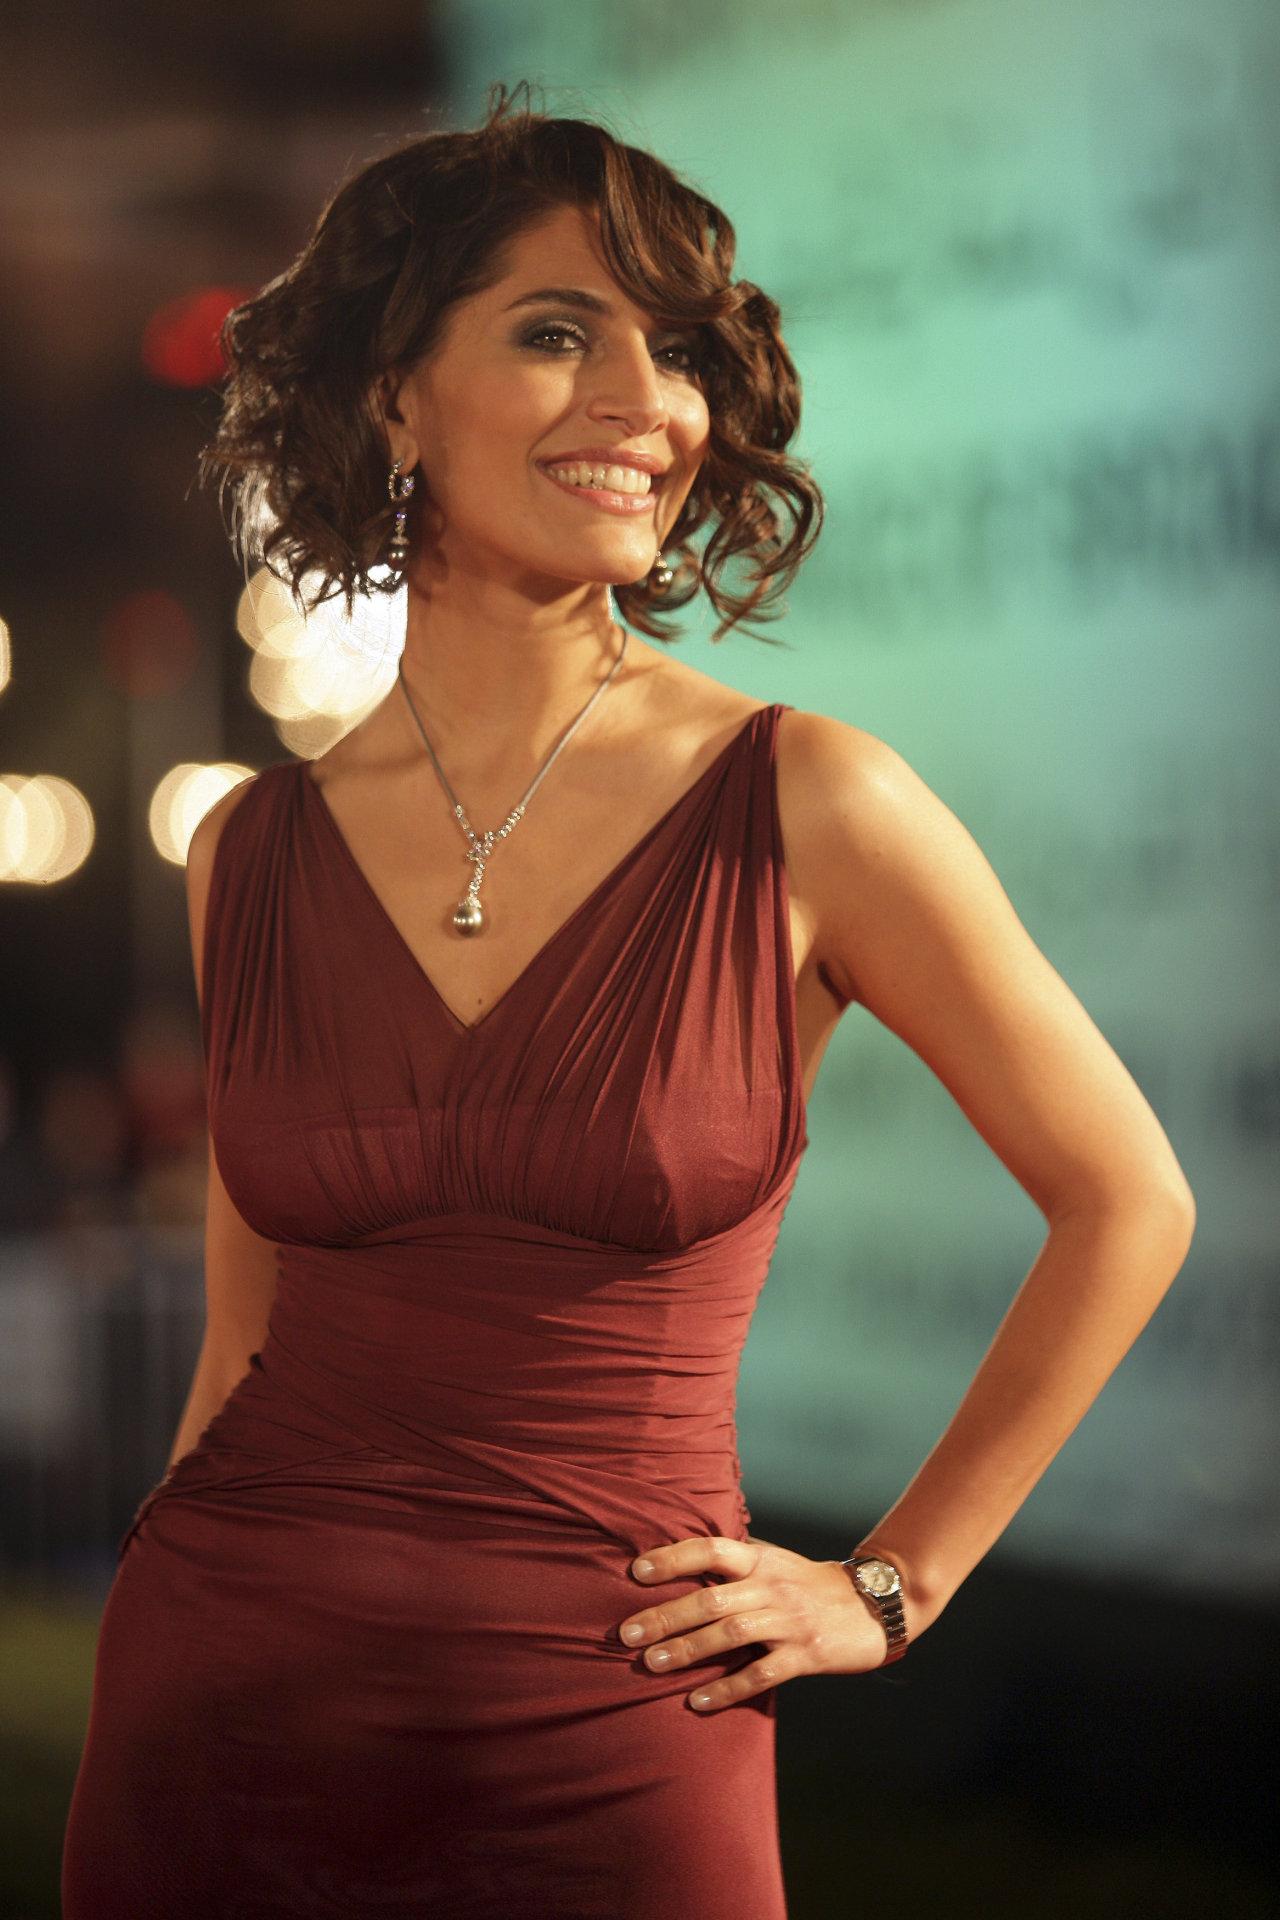 Caterina Murino in Hot Red Dress